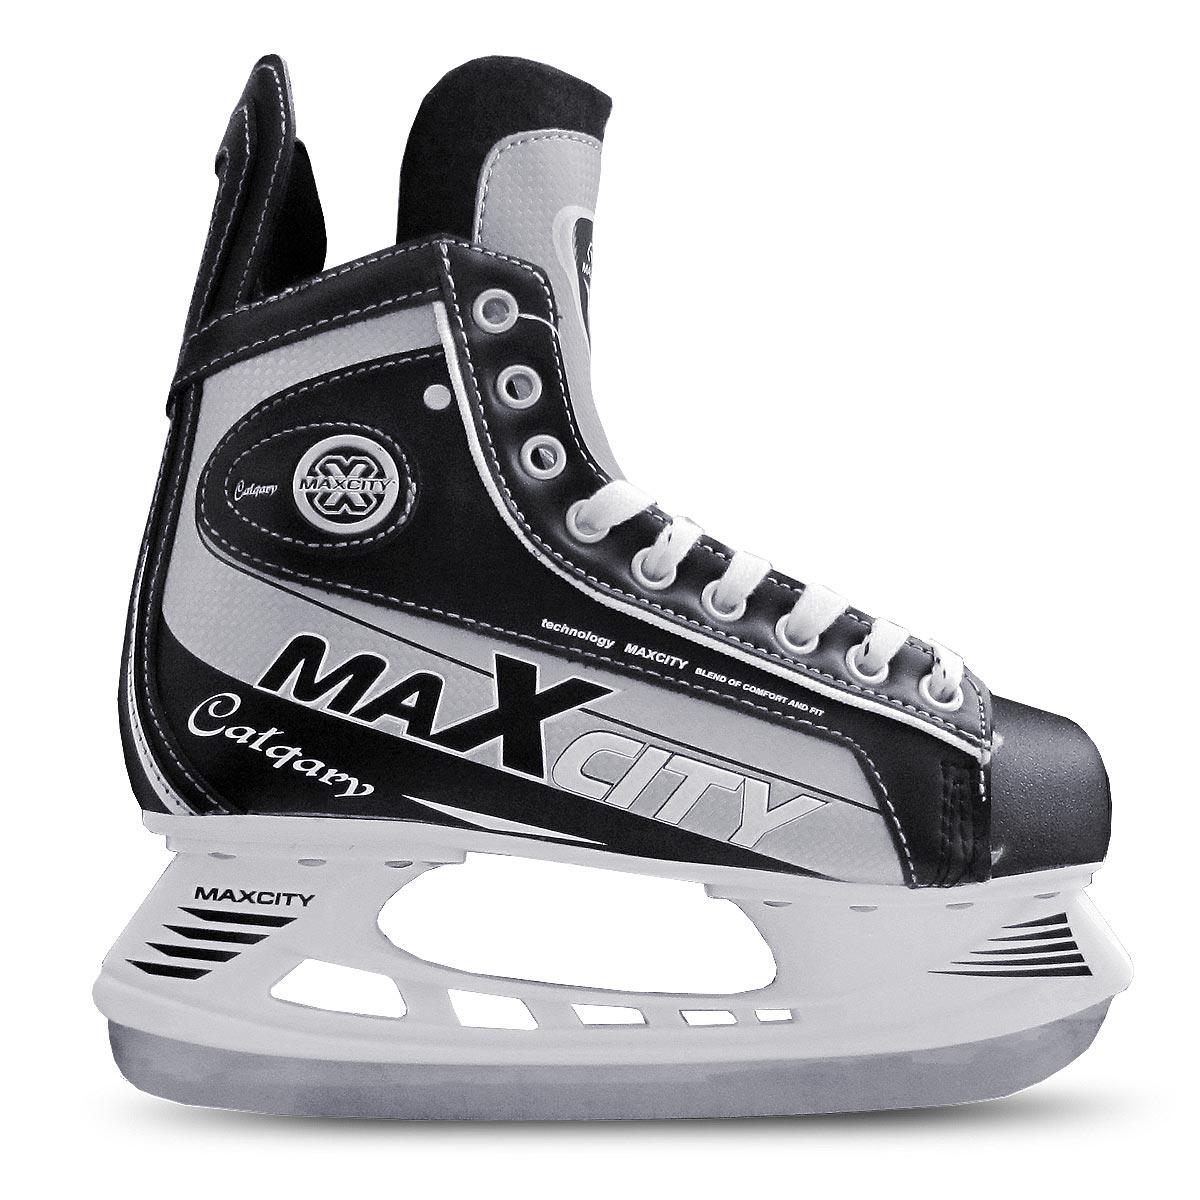 Коньки хоккейные мужские MaxCity Calgary, цвет: черный, серый. Размер 42